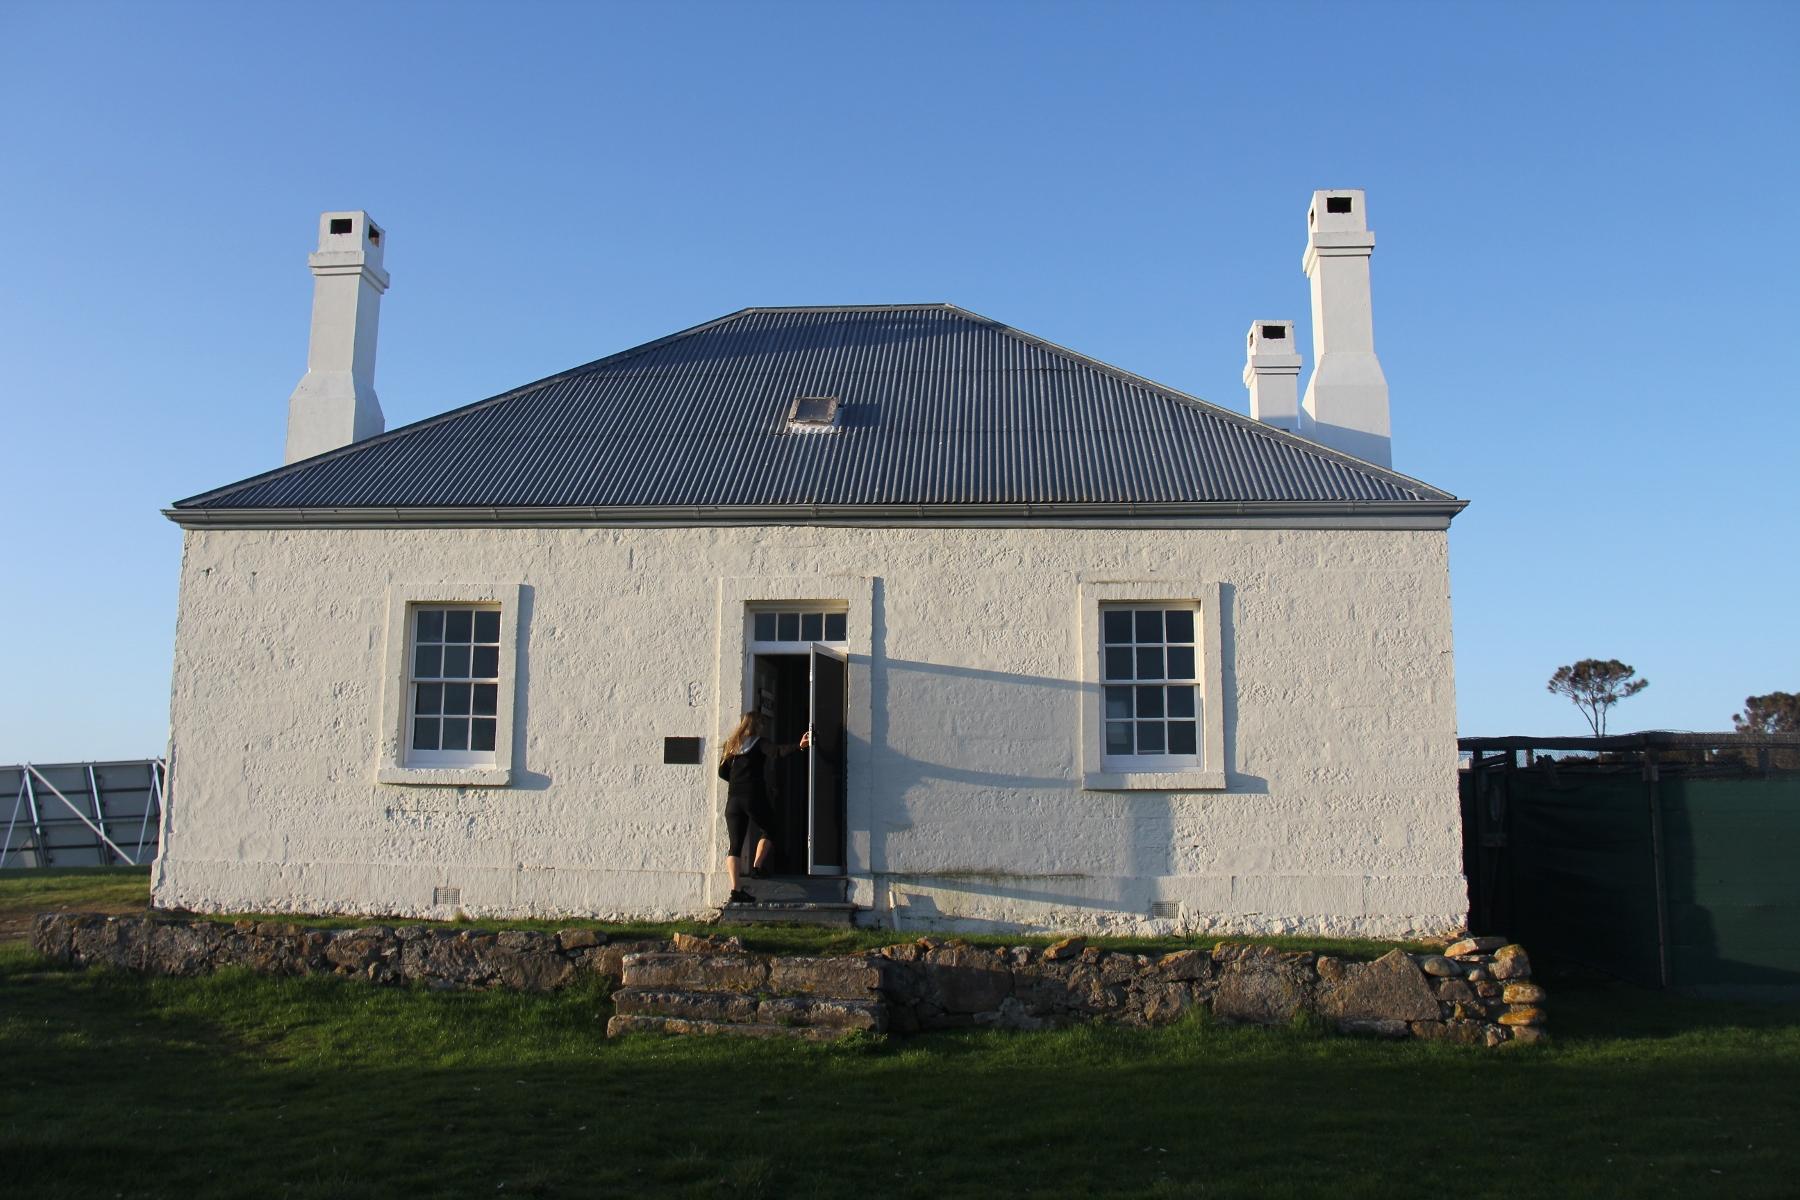 Deal Island original homestead, now a museum.